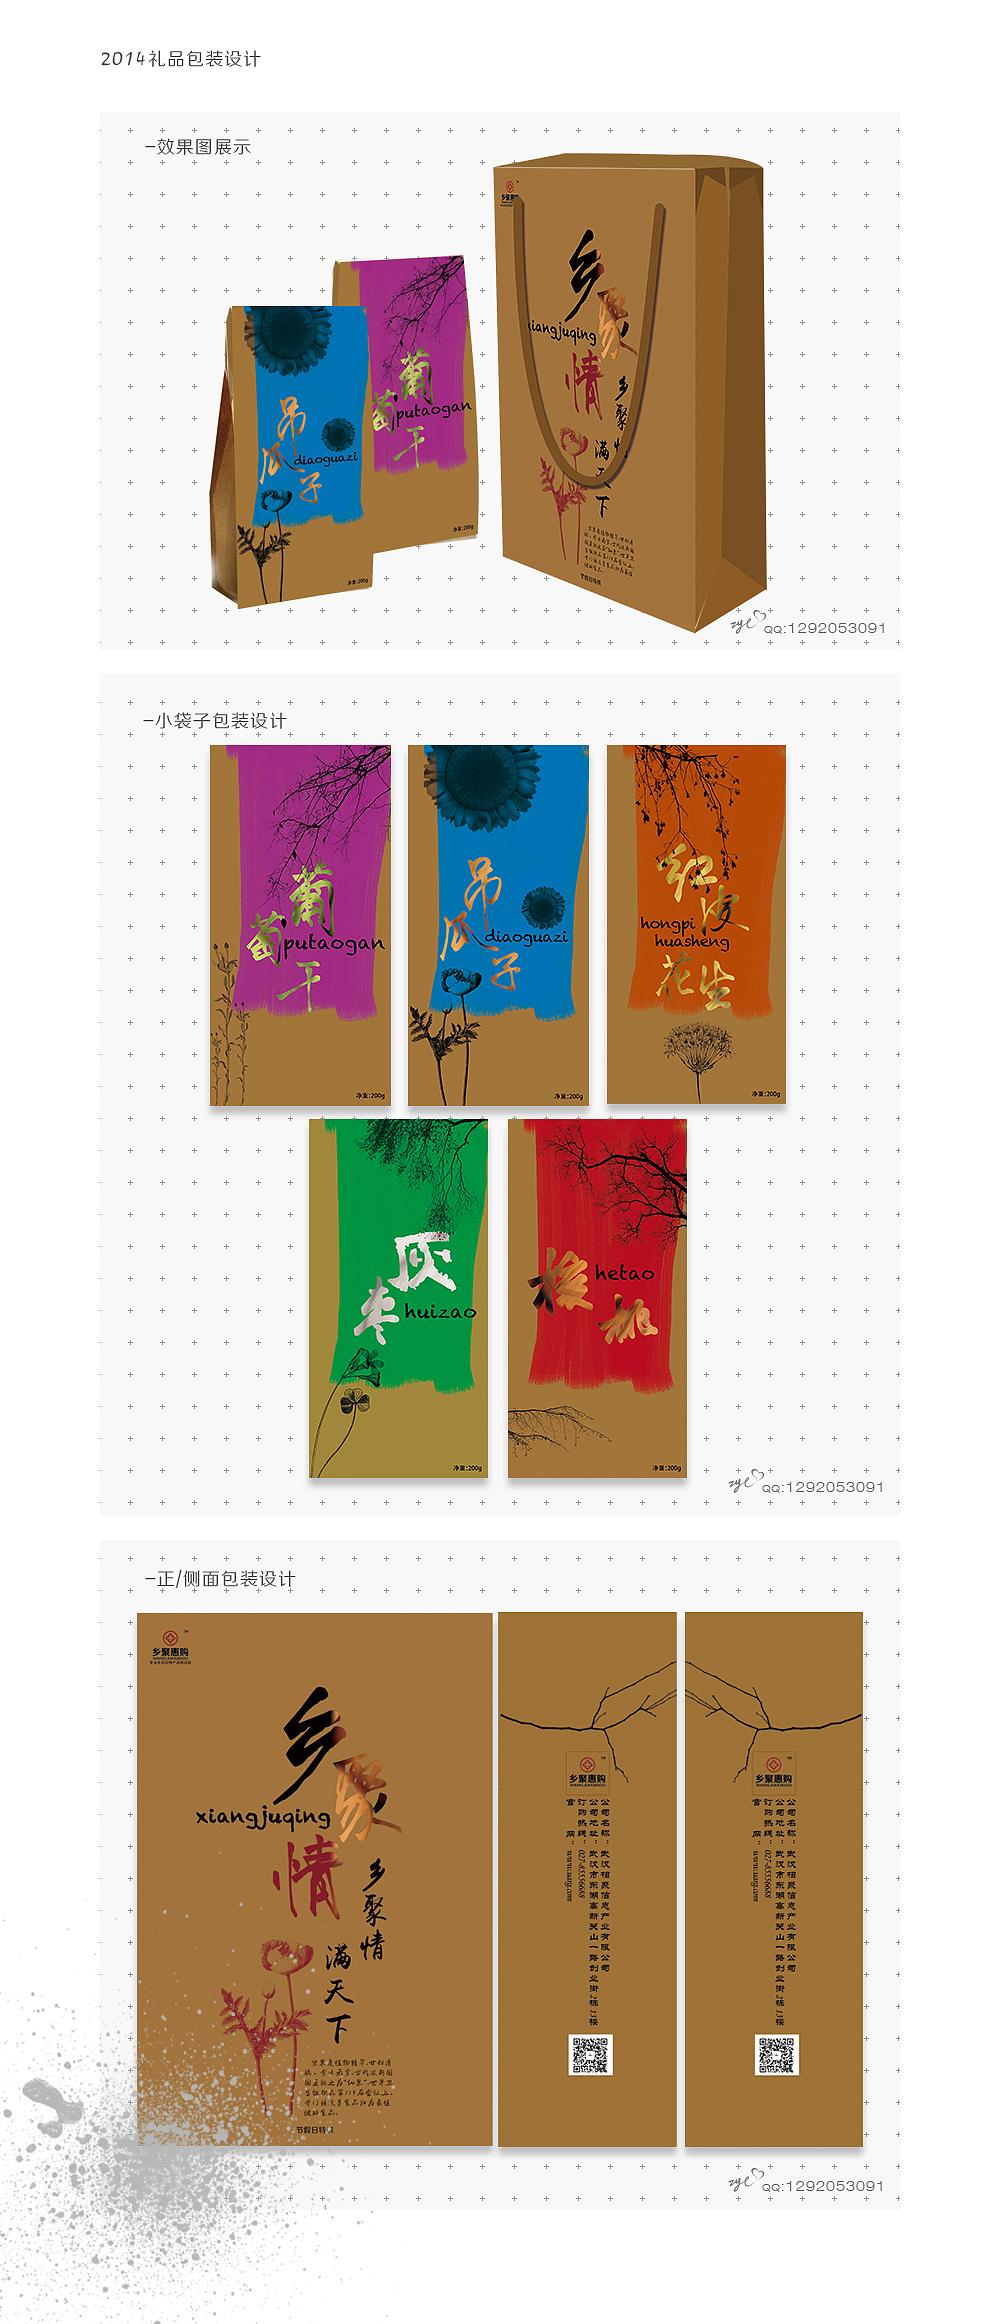 礼品包装设计|平面|包装|小周哟 - 原创作品 - 站酷图片